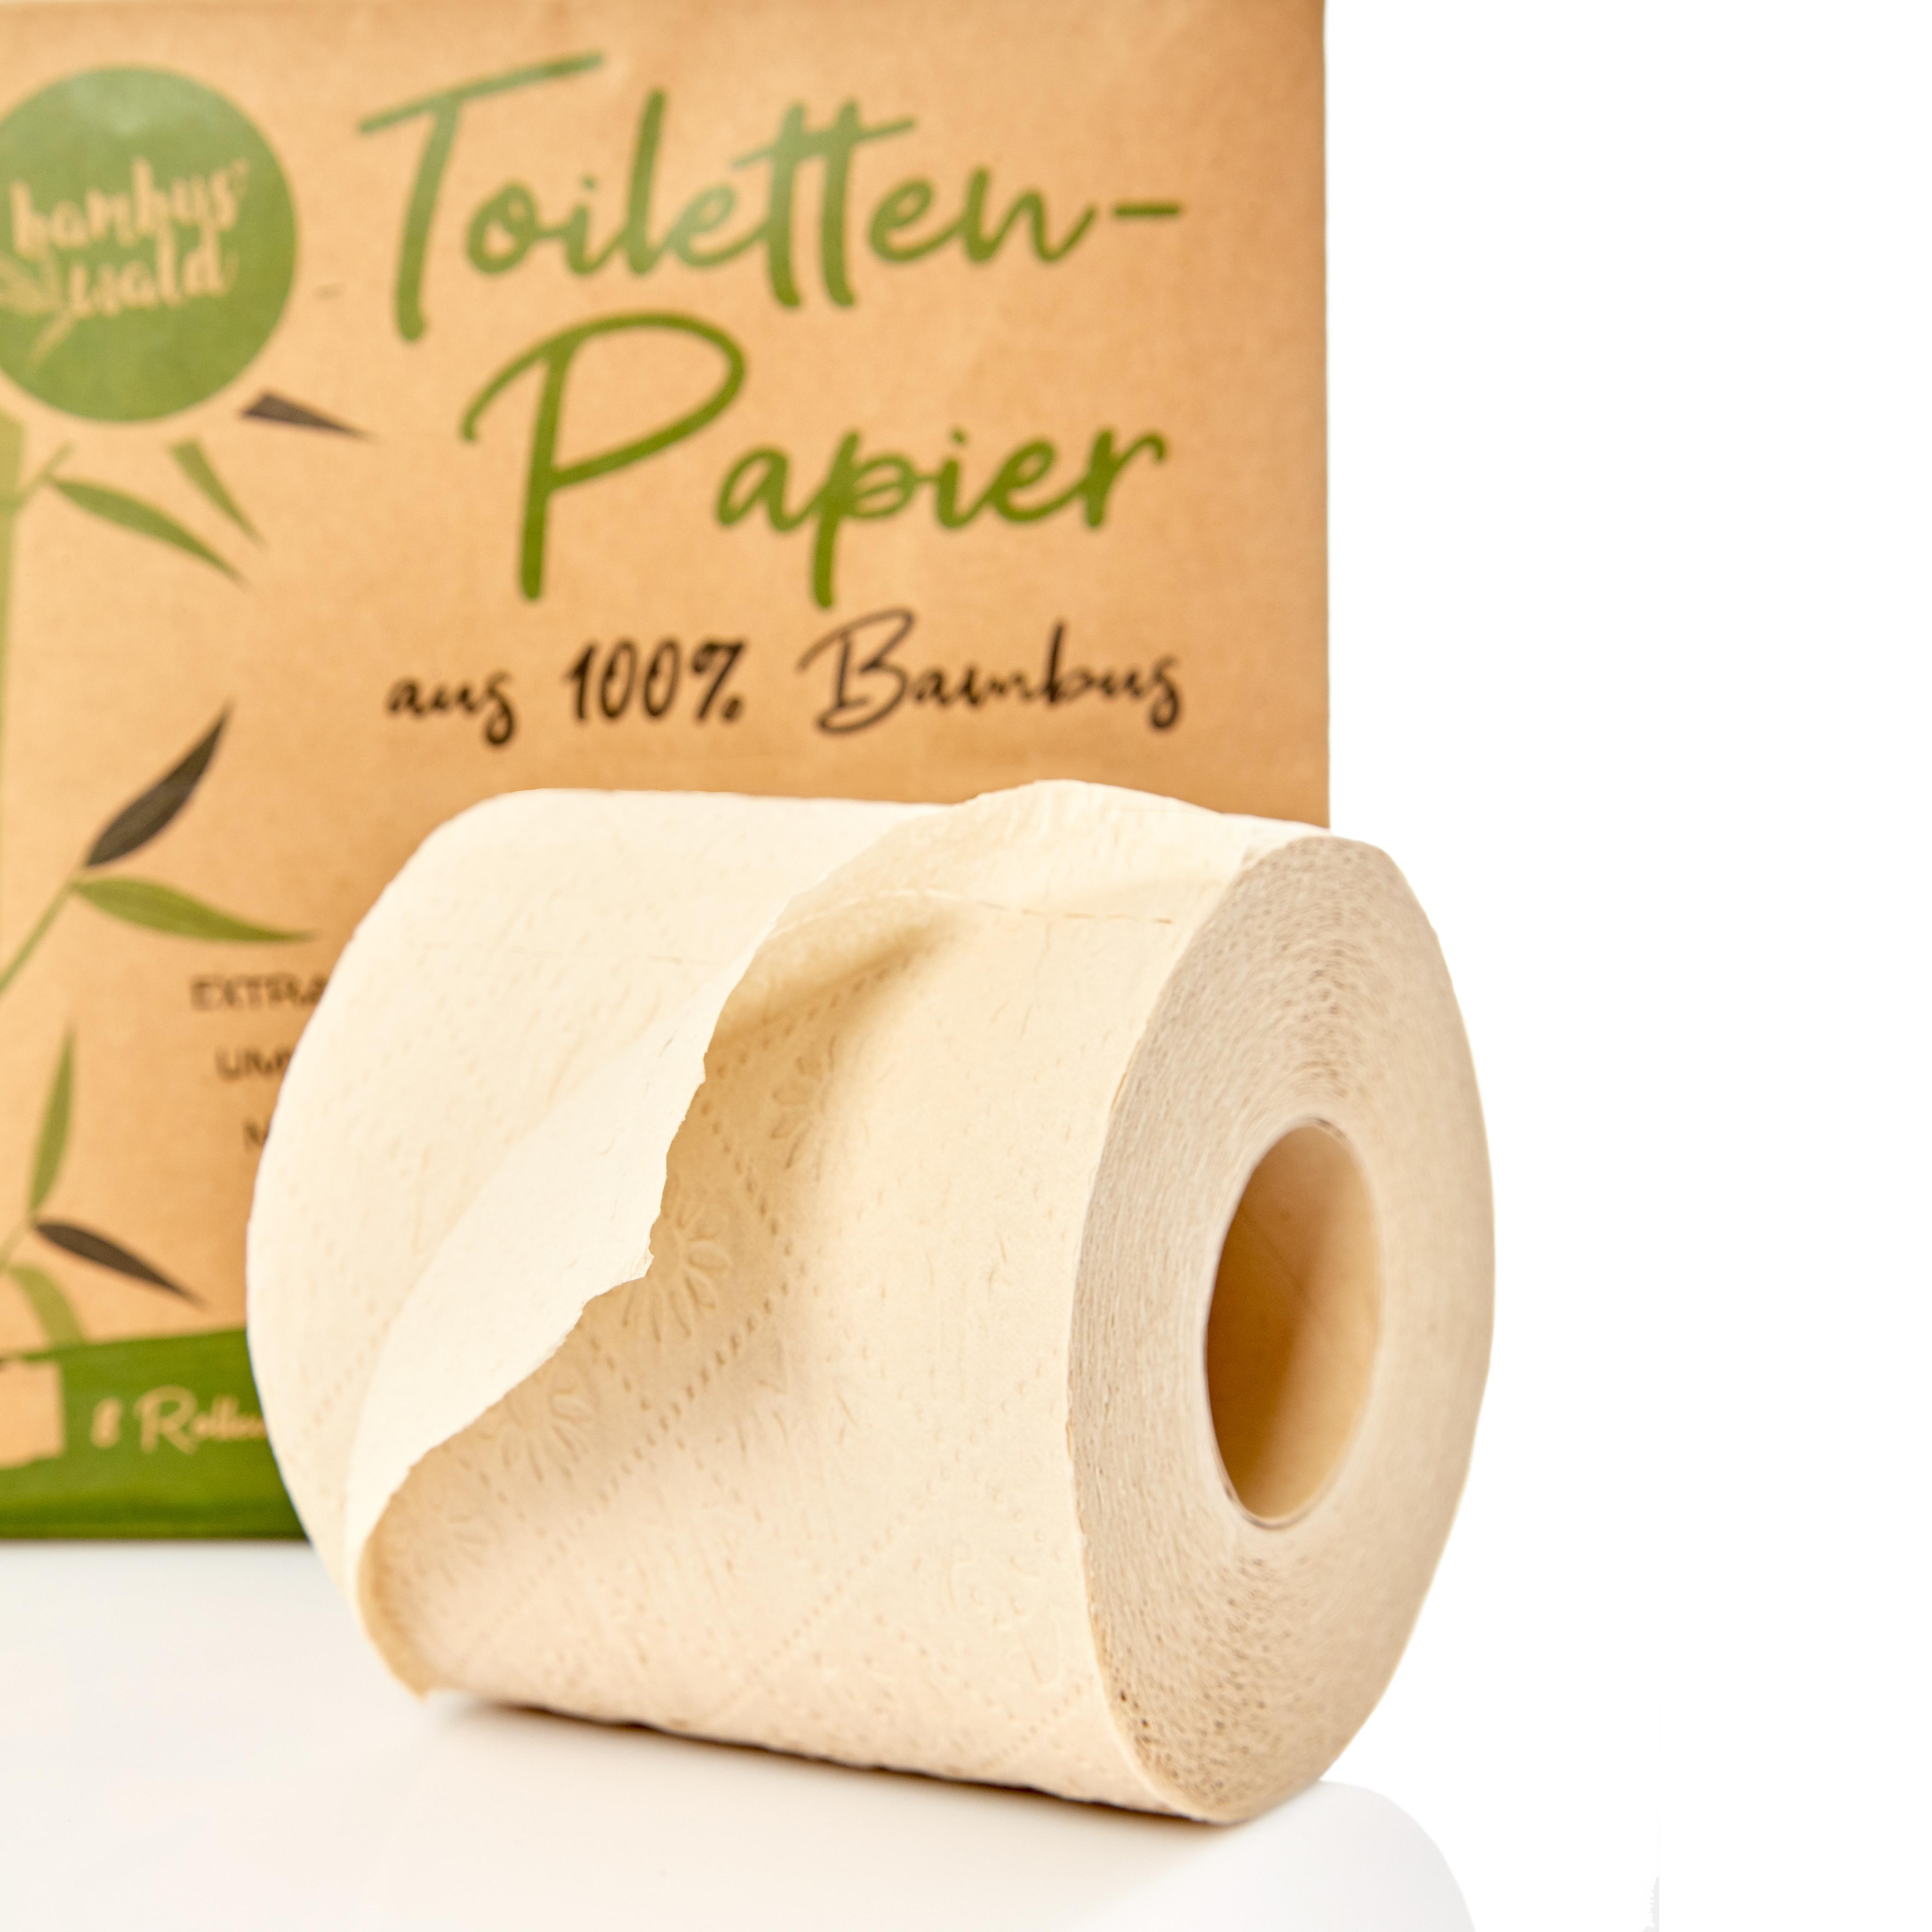 Bambuswald Klopapier 100% Bambus 8 Rollen